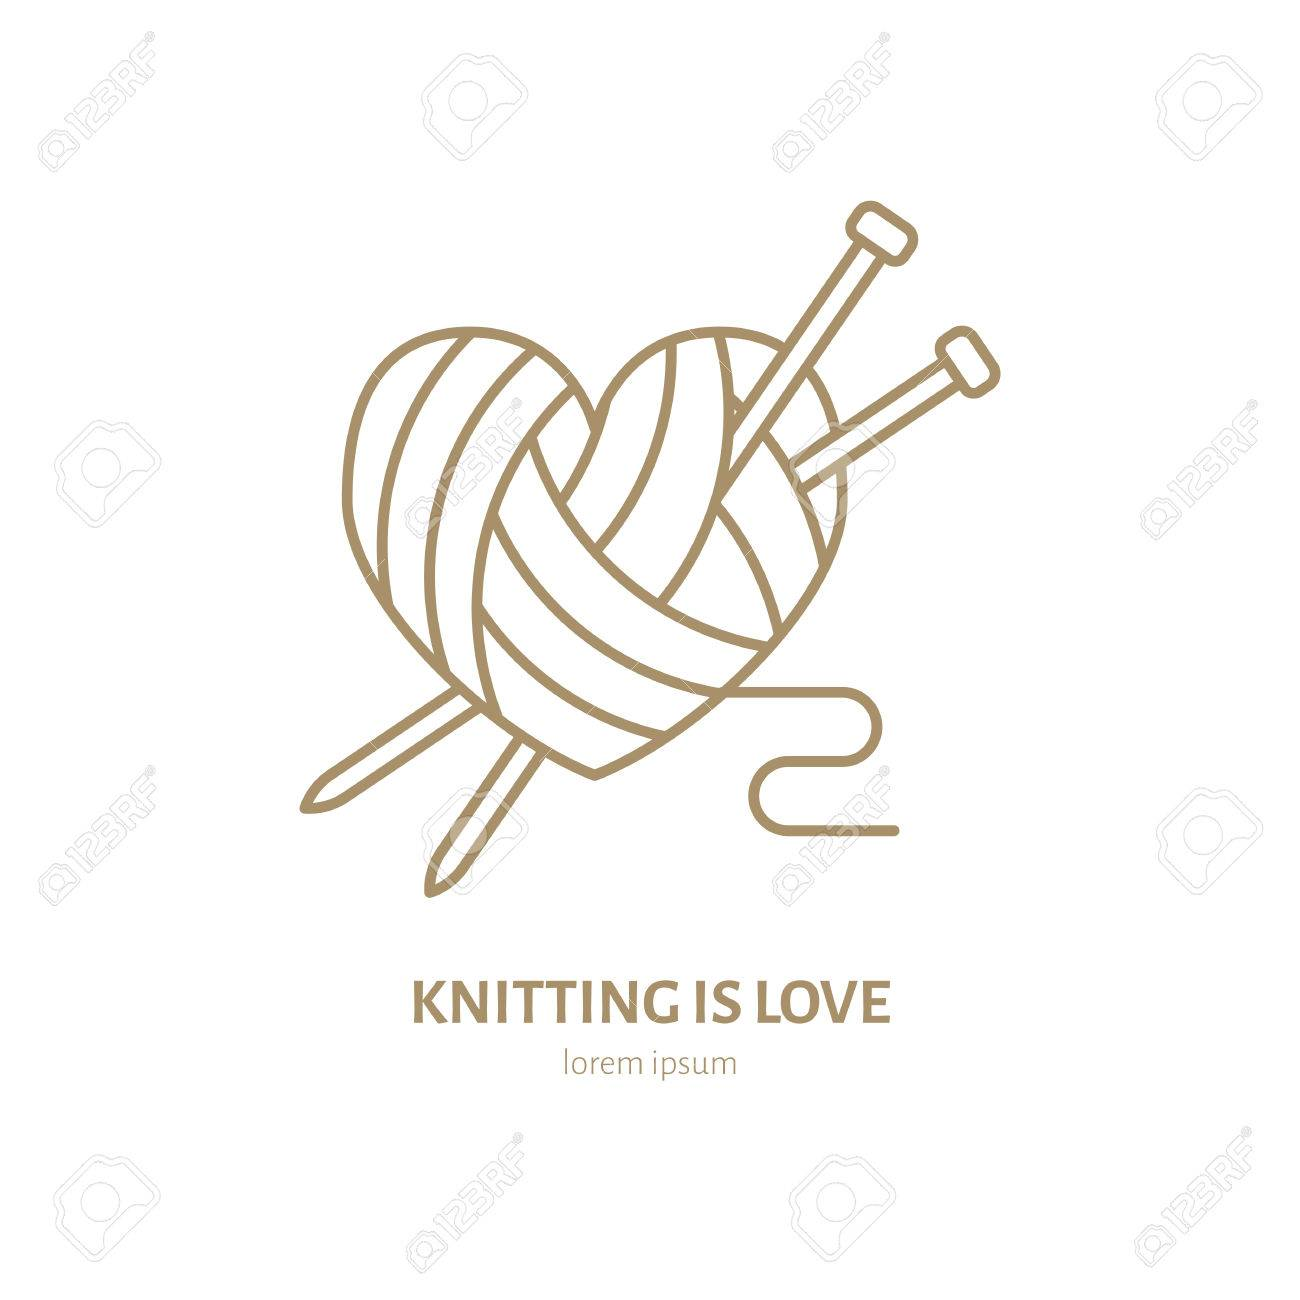 logo de ligne de magasin a tricoter fil plat magasin signe illustration de pelotes de laine avec des aiguilles a tricoter